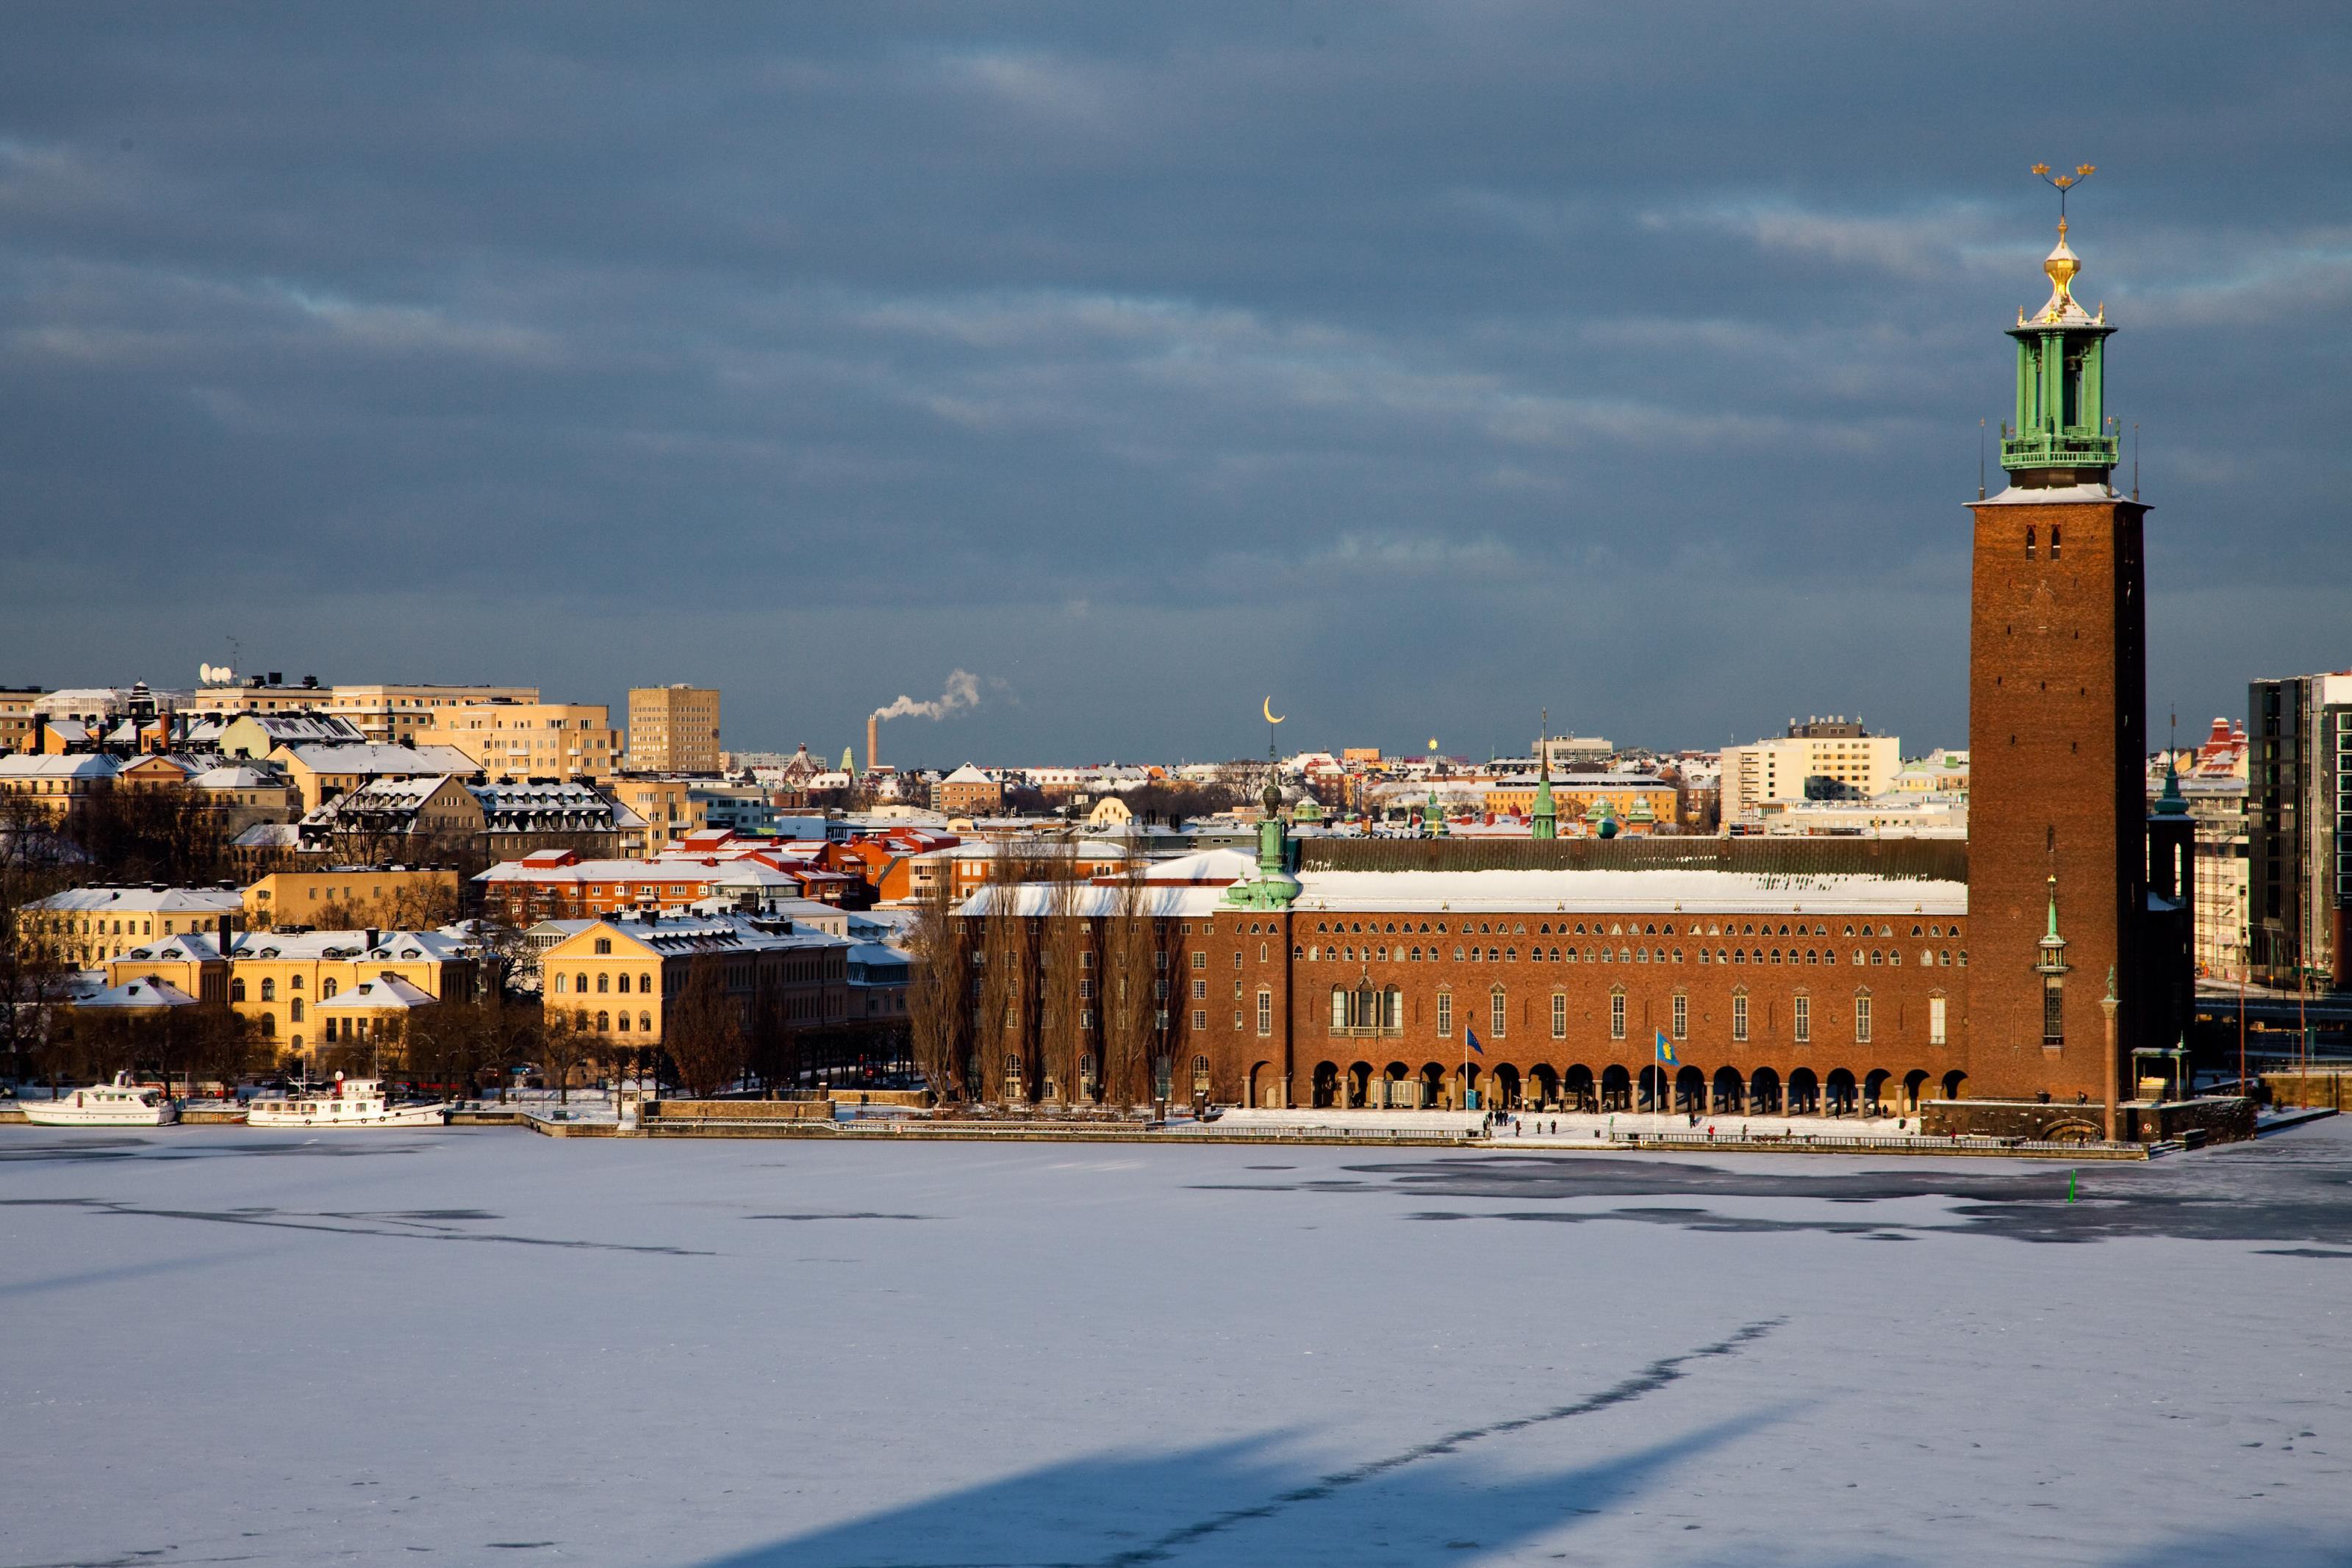 Gratis dejting i stockholm stad